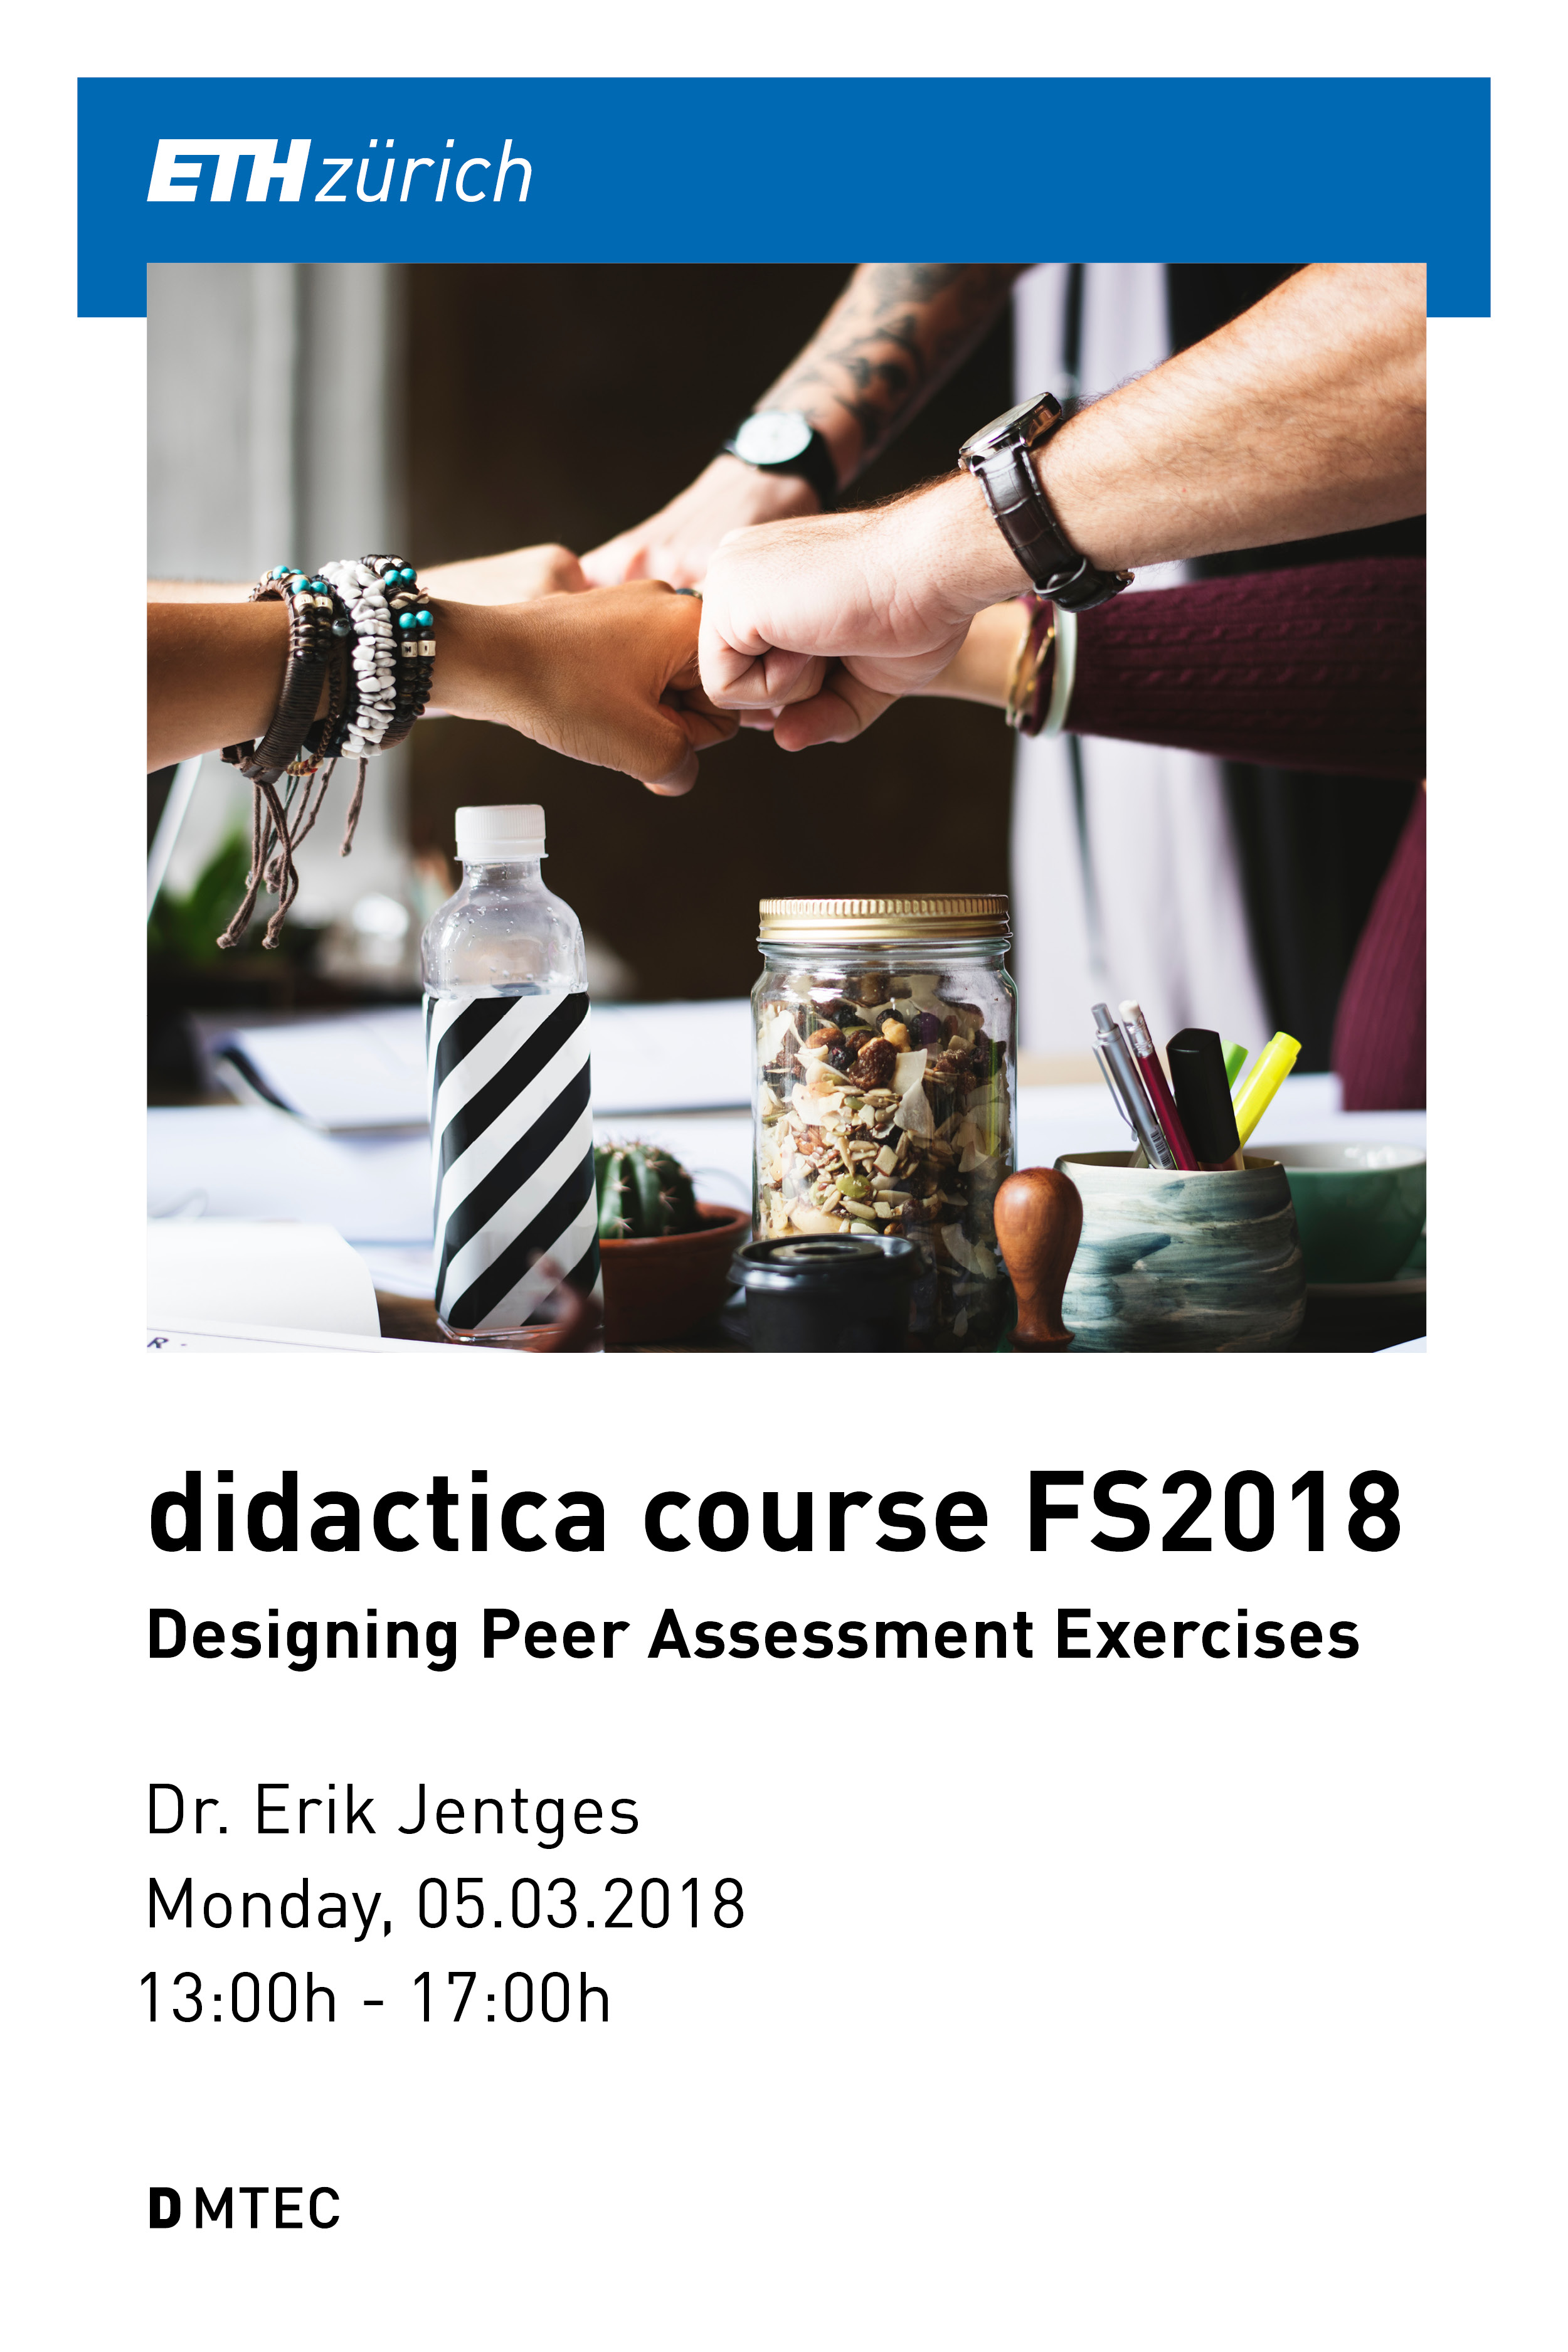 Cover image for Testkurs Erik Jentges - nicht löschen: Designing Peer Assessment Exercises